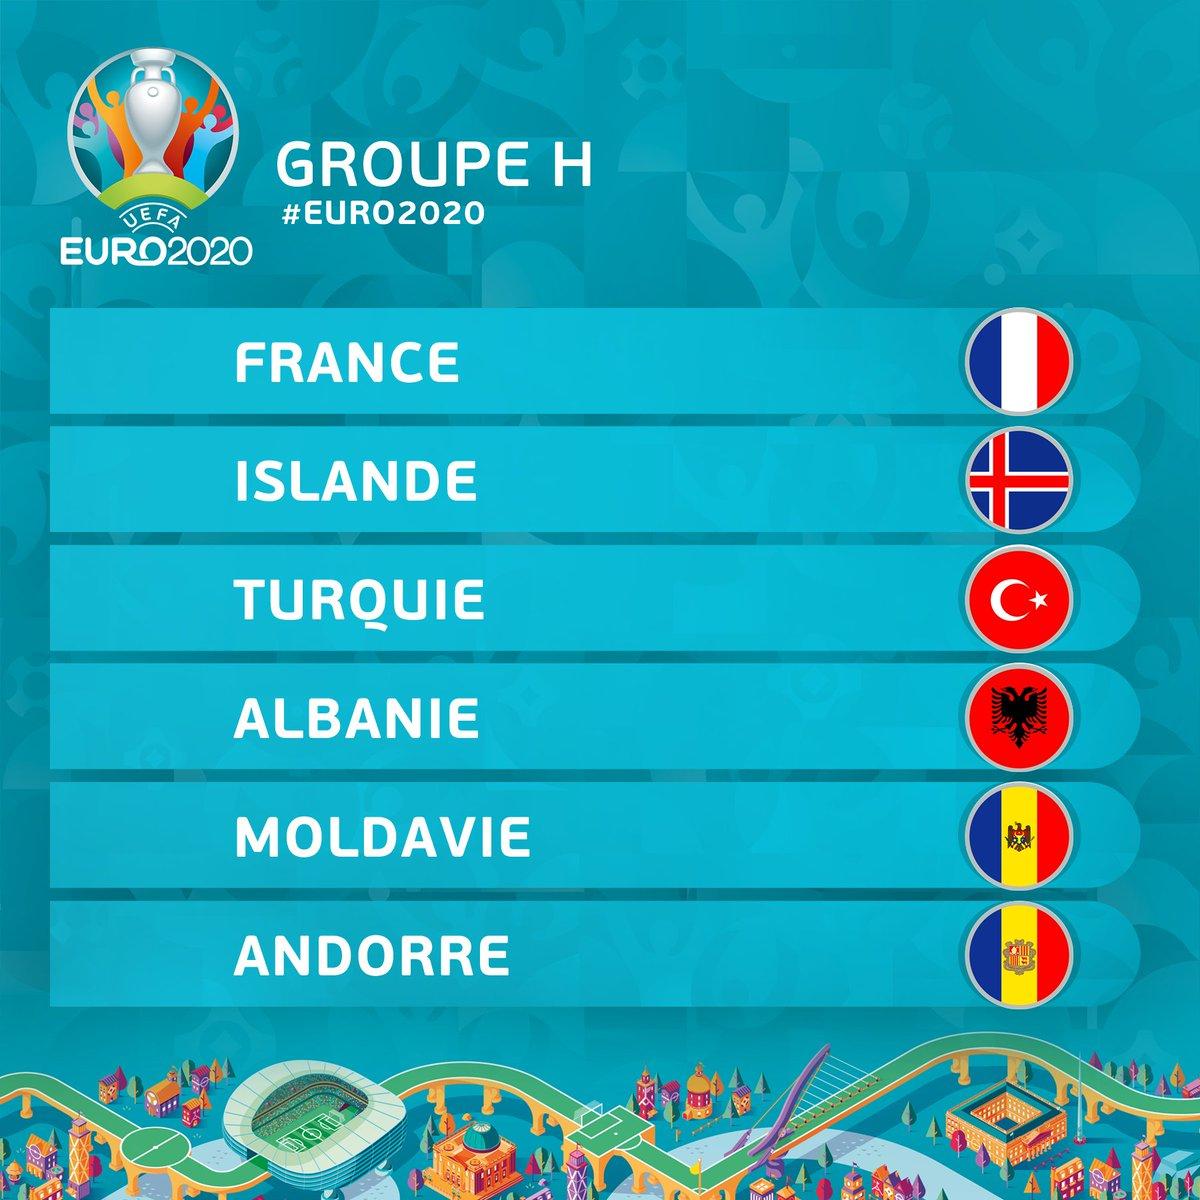 Le Calendrier Euro 2020.Uefa Euro 2020 On Twitter Euro2020 Le Groupe